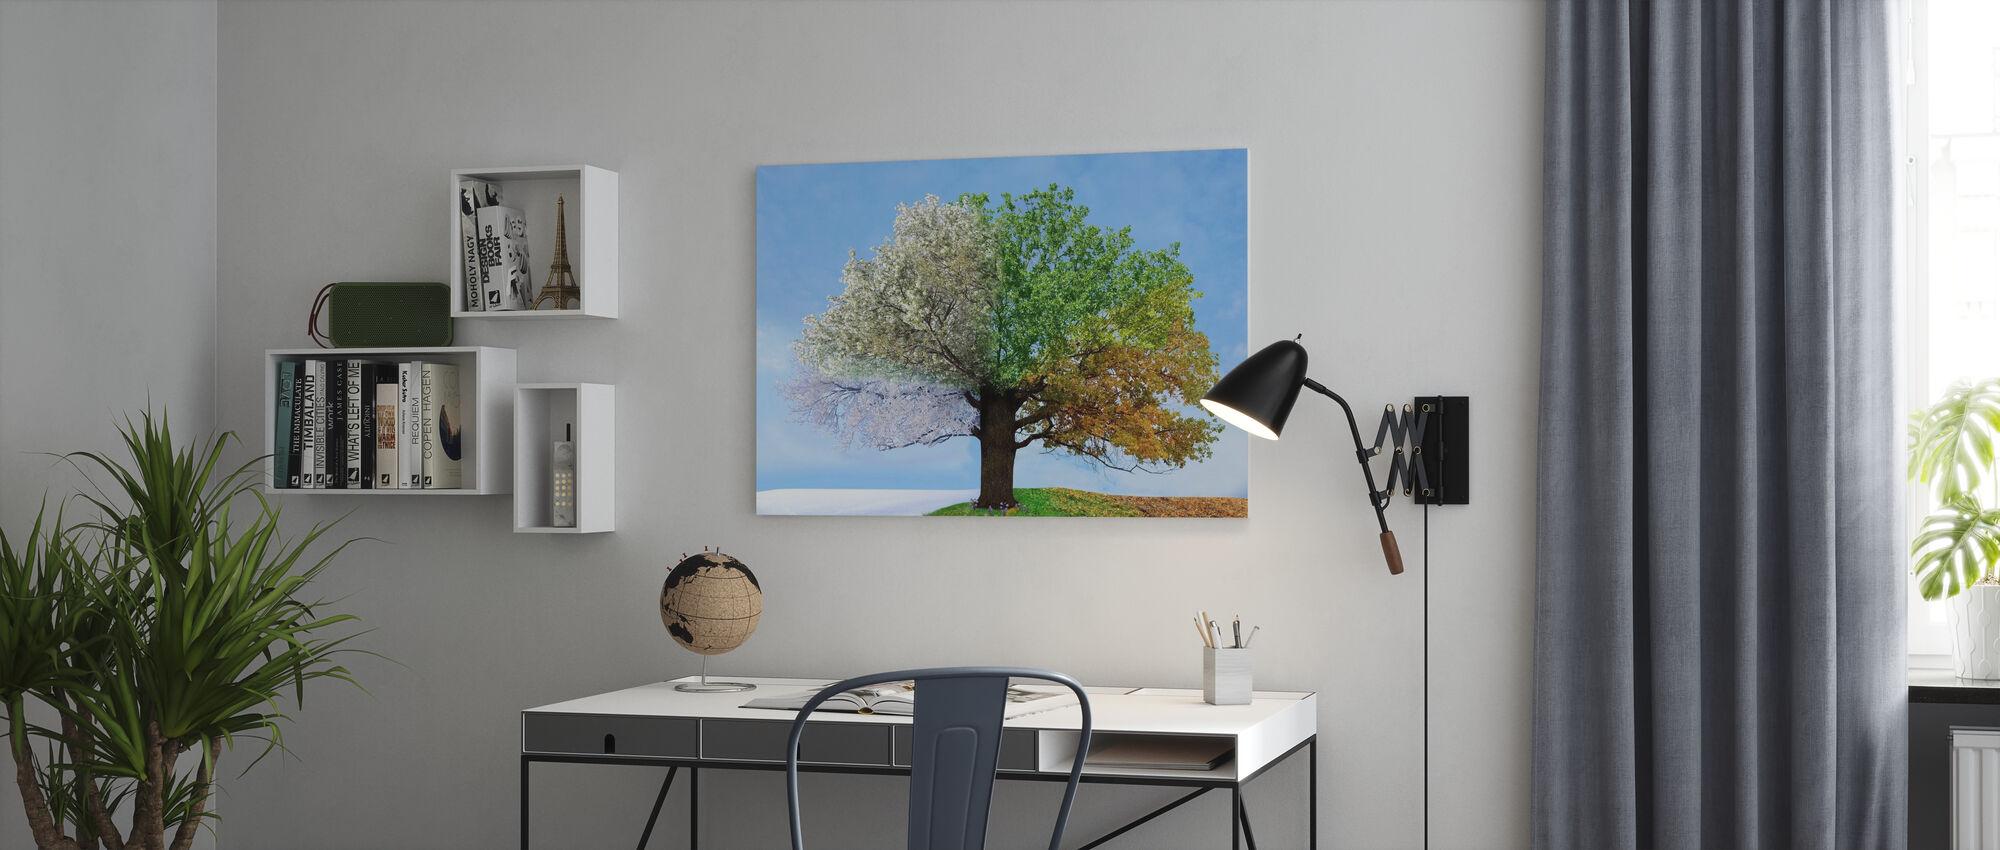 Neljän vuodenajan puu - Canvastaulu - Toimisto